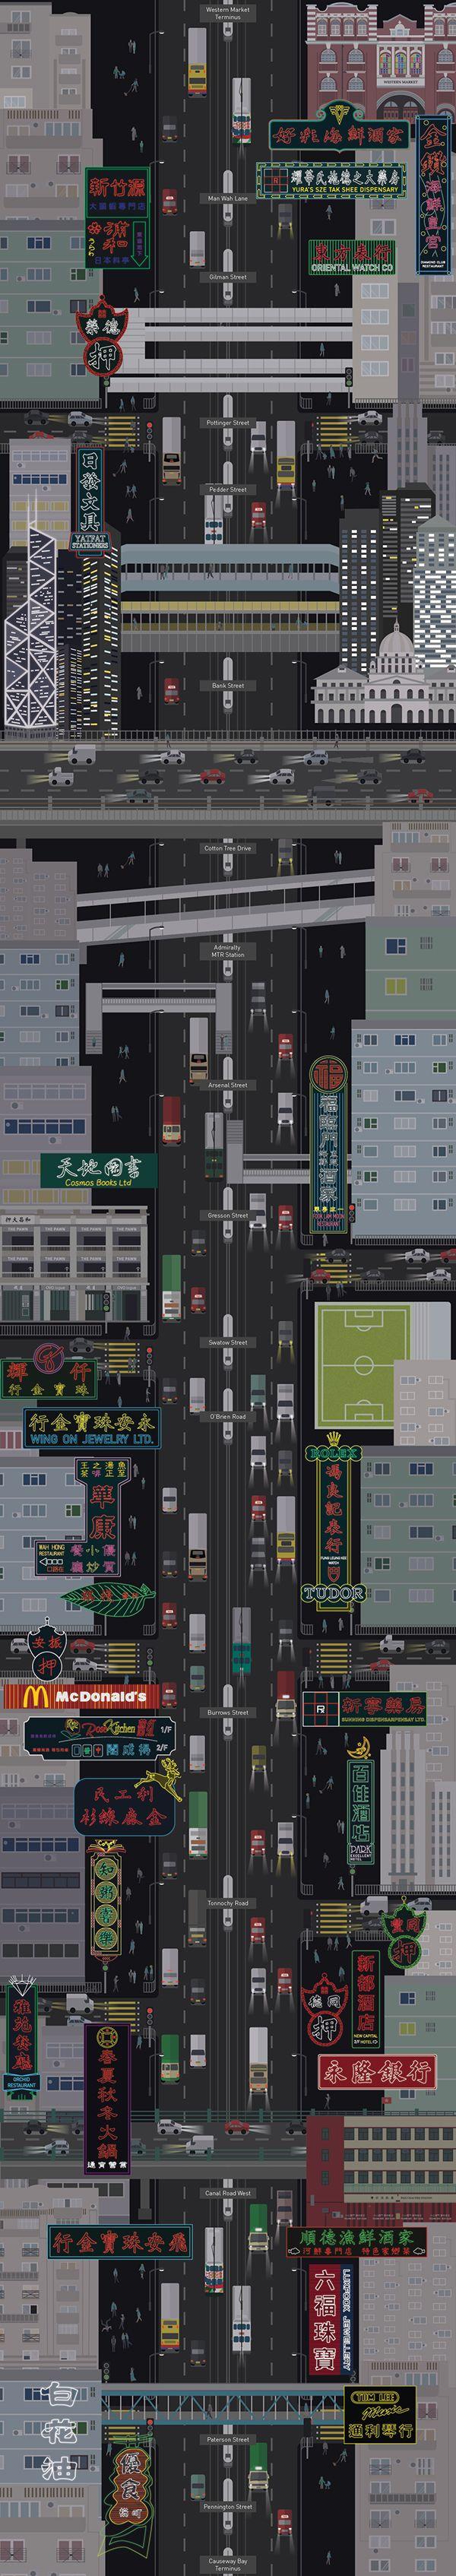 霓虹 X 電車 Neon Signs X Tram (Hong Kong)